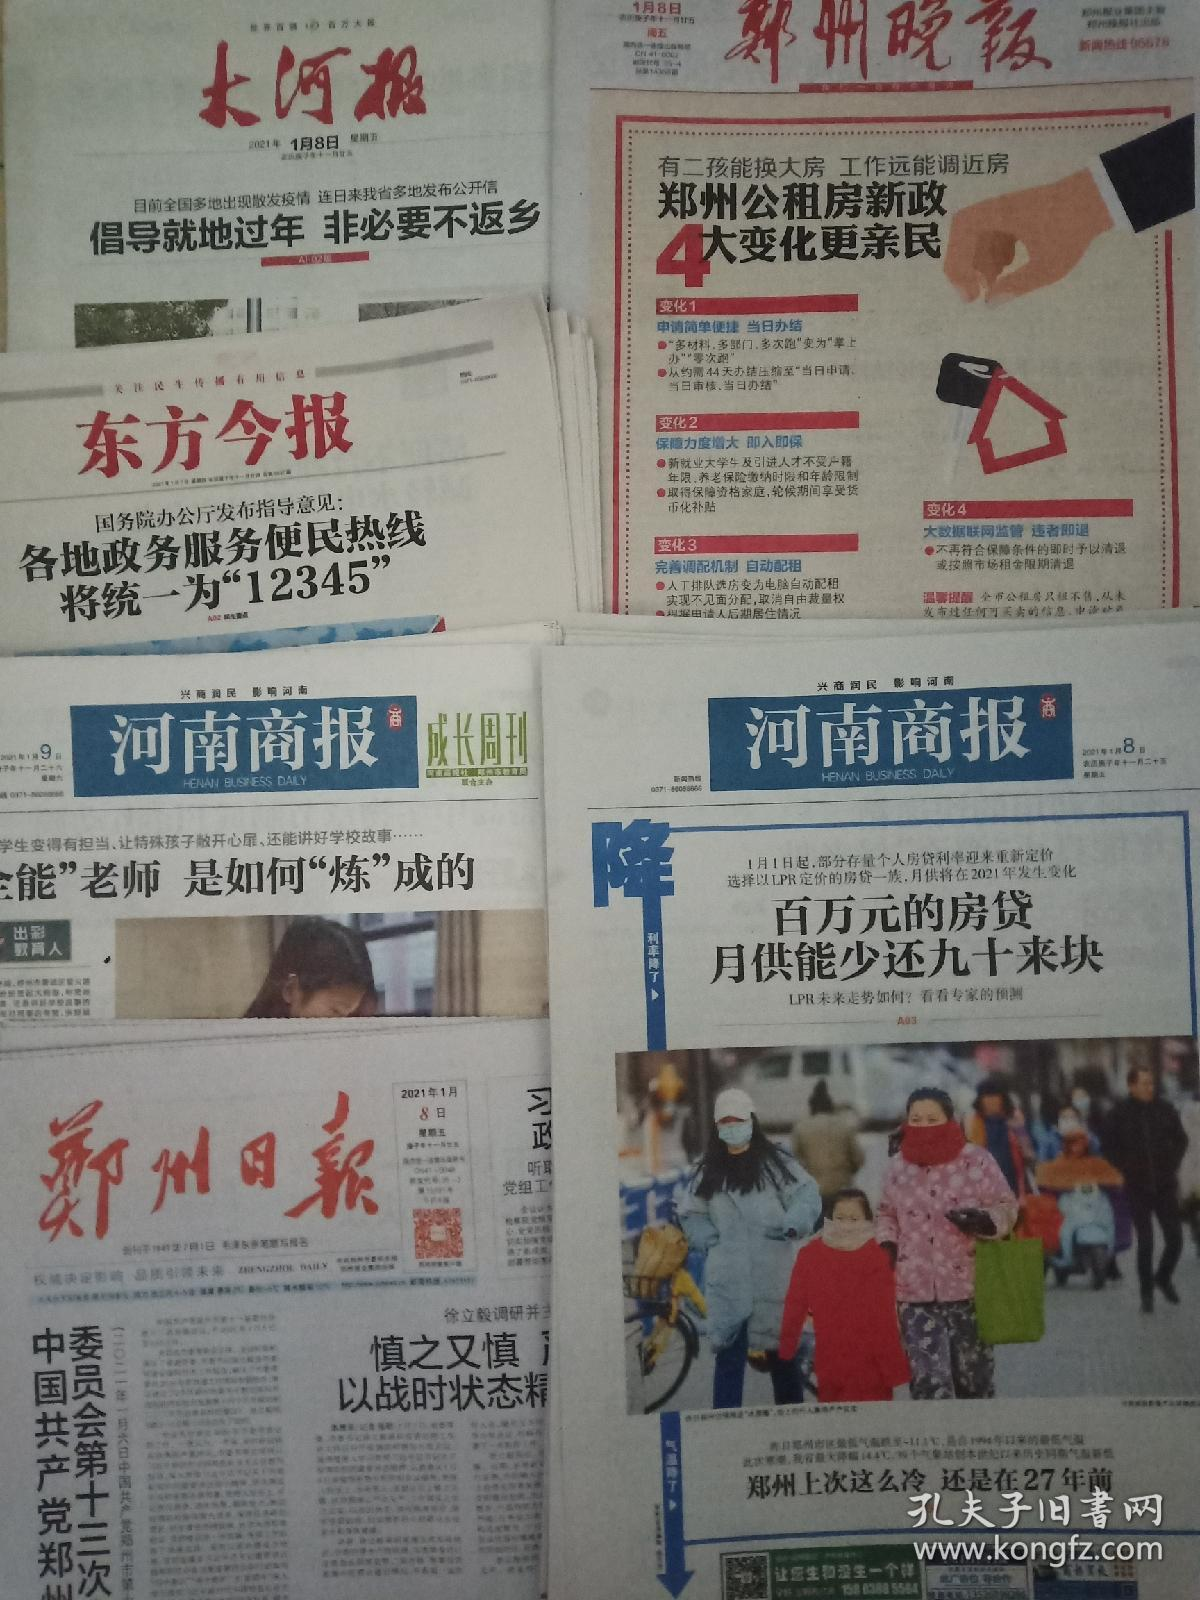 单份郑州出版河南商报,郑州晚报,大河报,东方今报,郑州日报2021年1月9日,期期实时更新,下单先联系再拍,